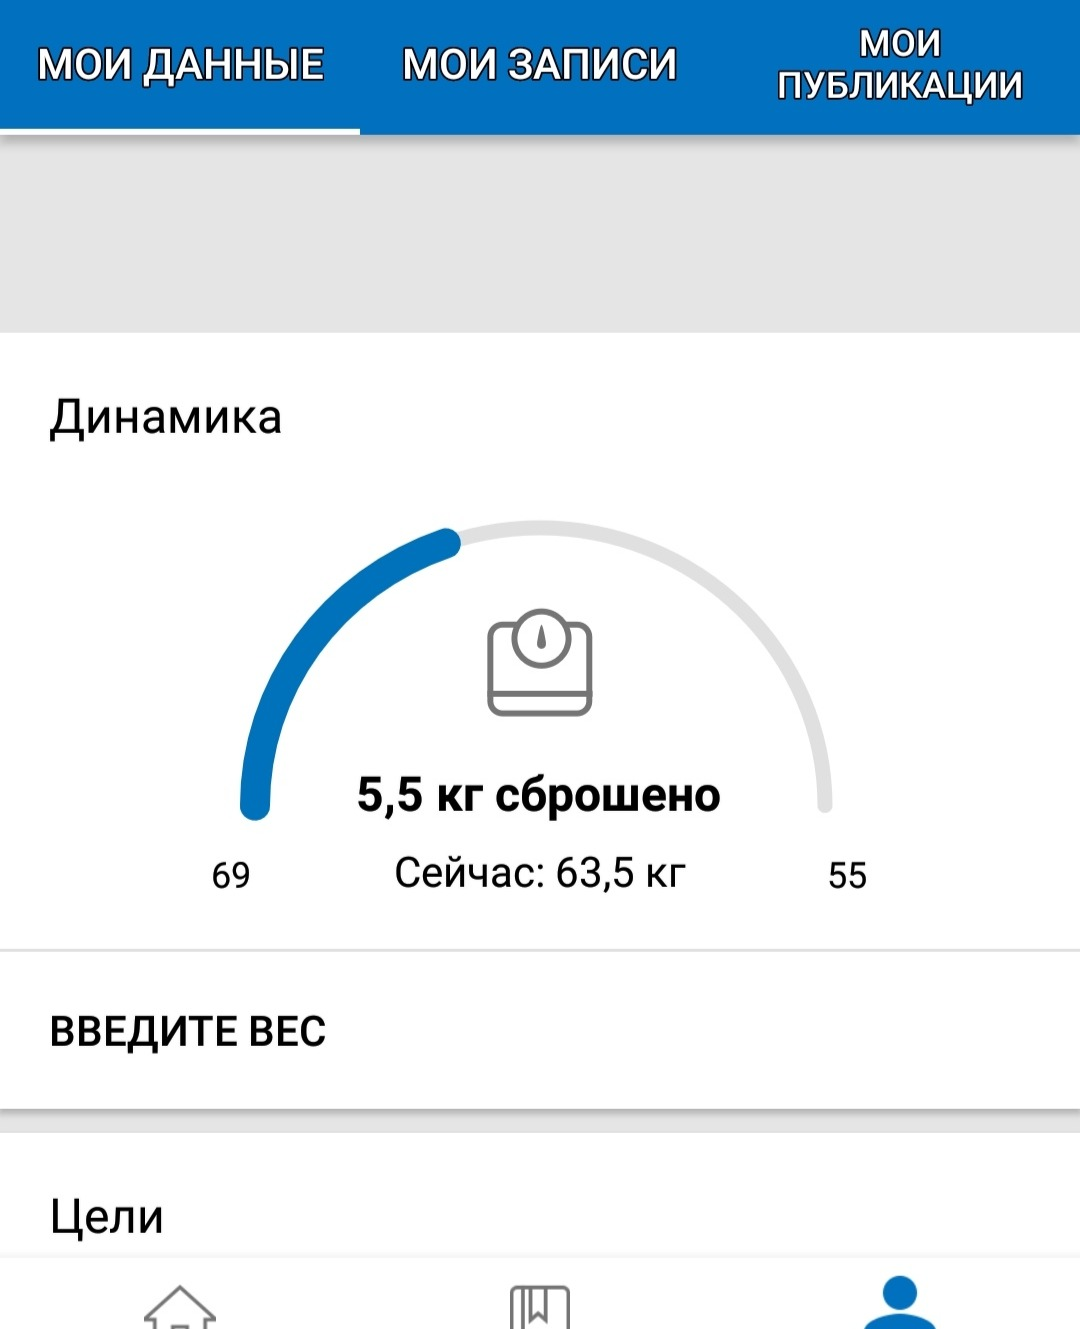 rYbny4EBYb8.jpg